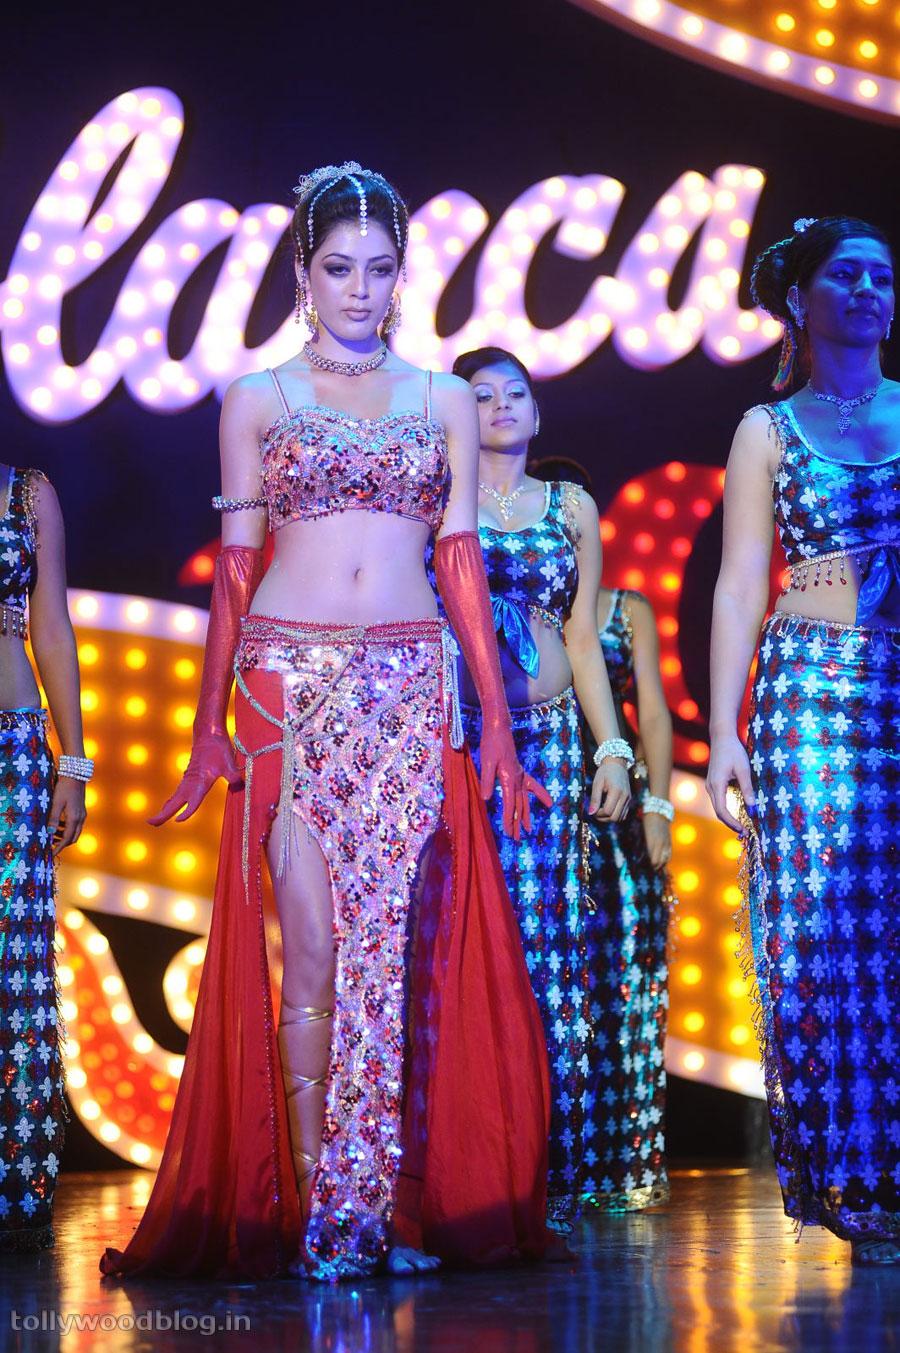 Parvathi Melton performs a Spicy Item Song Povoi povoi